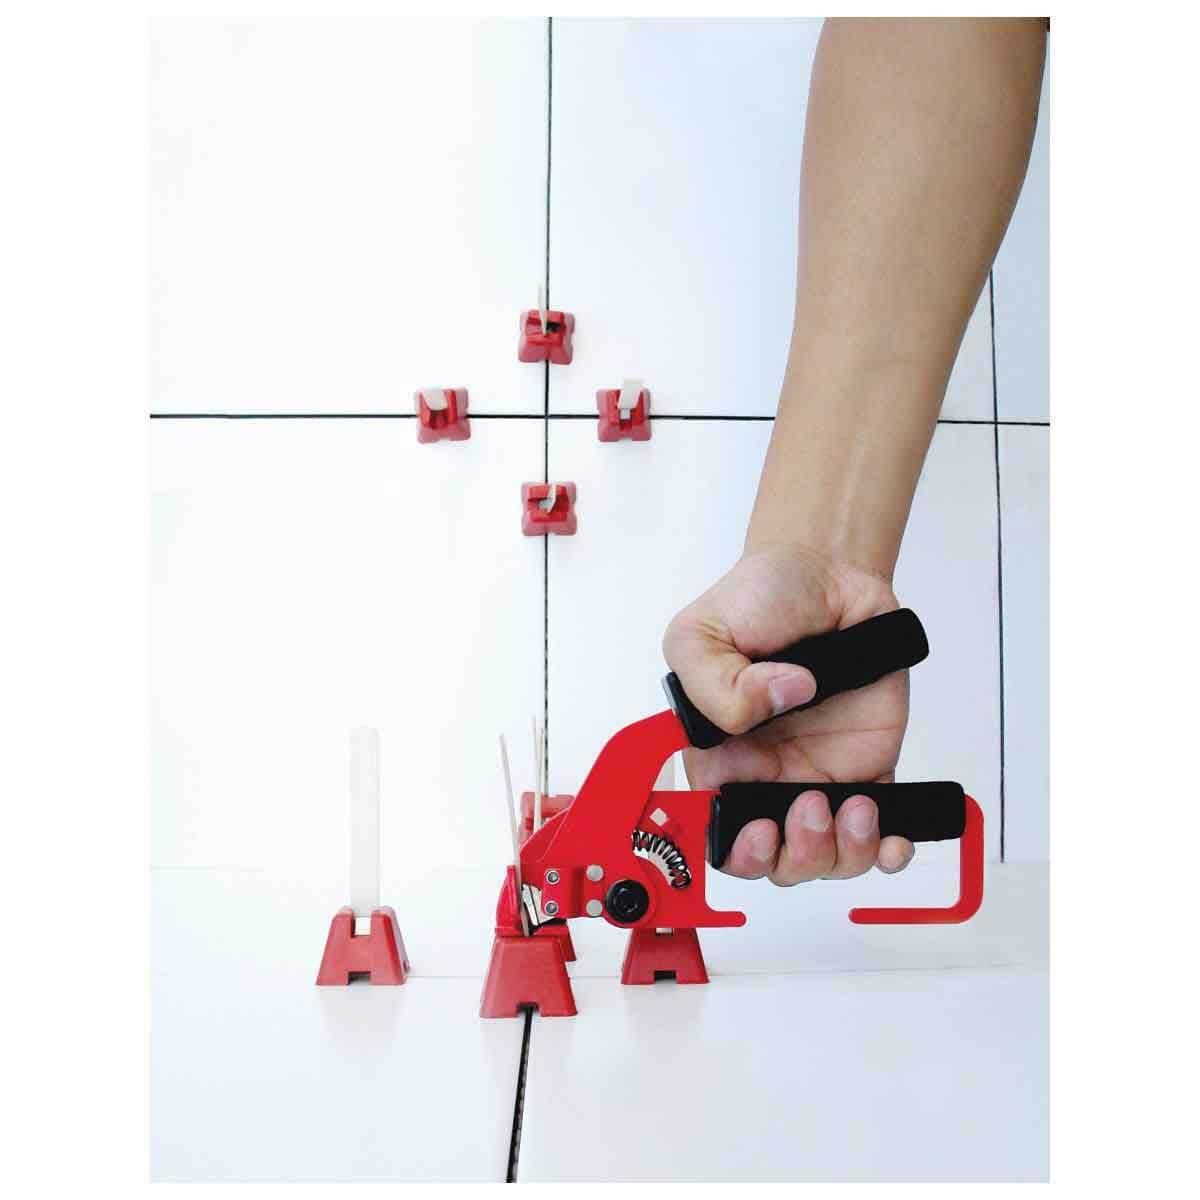 installing with tuscan standard gun